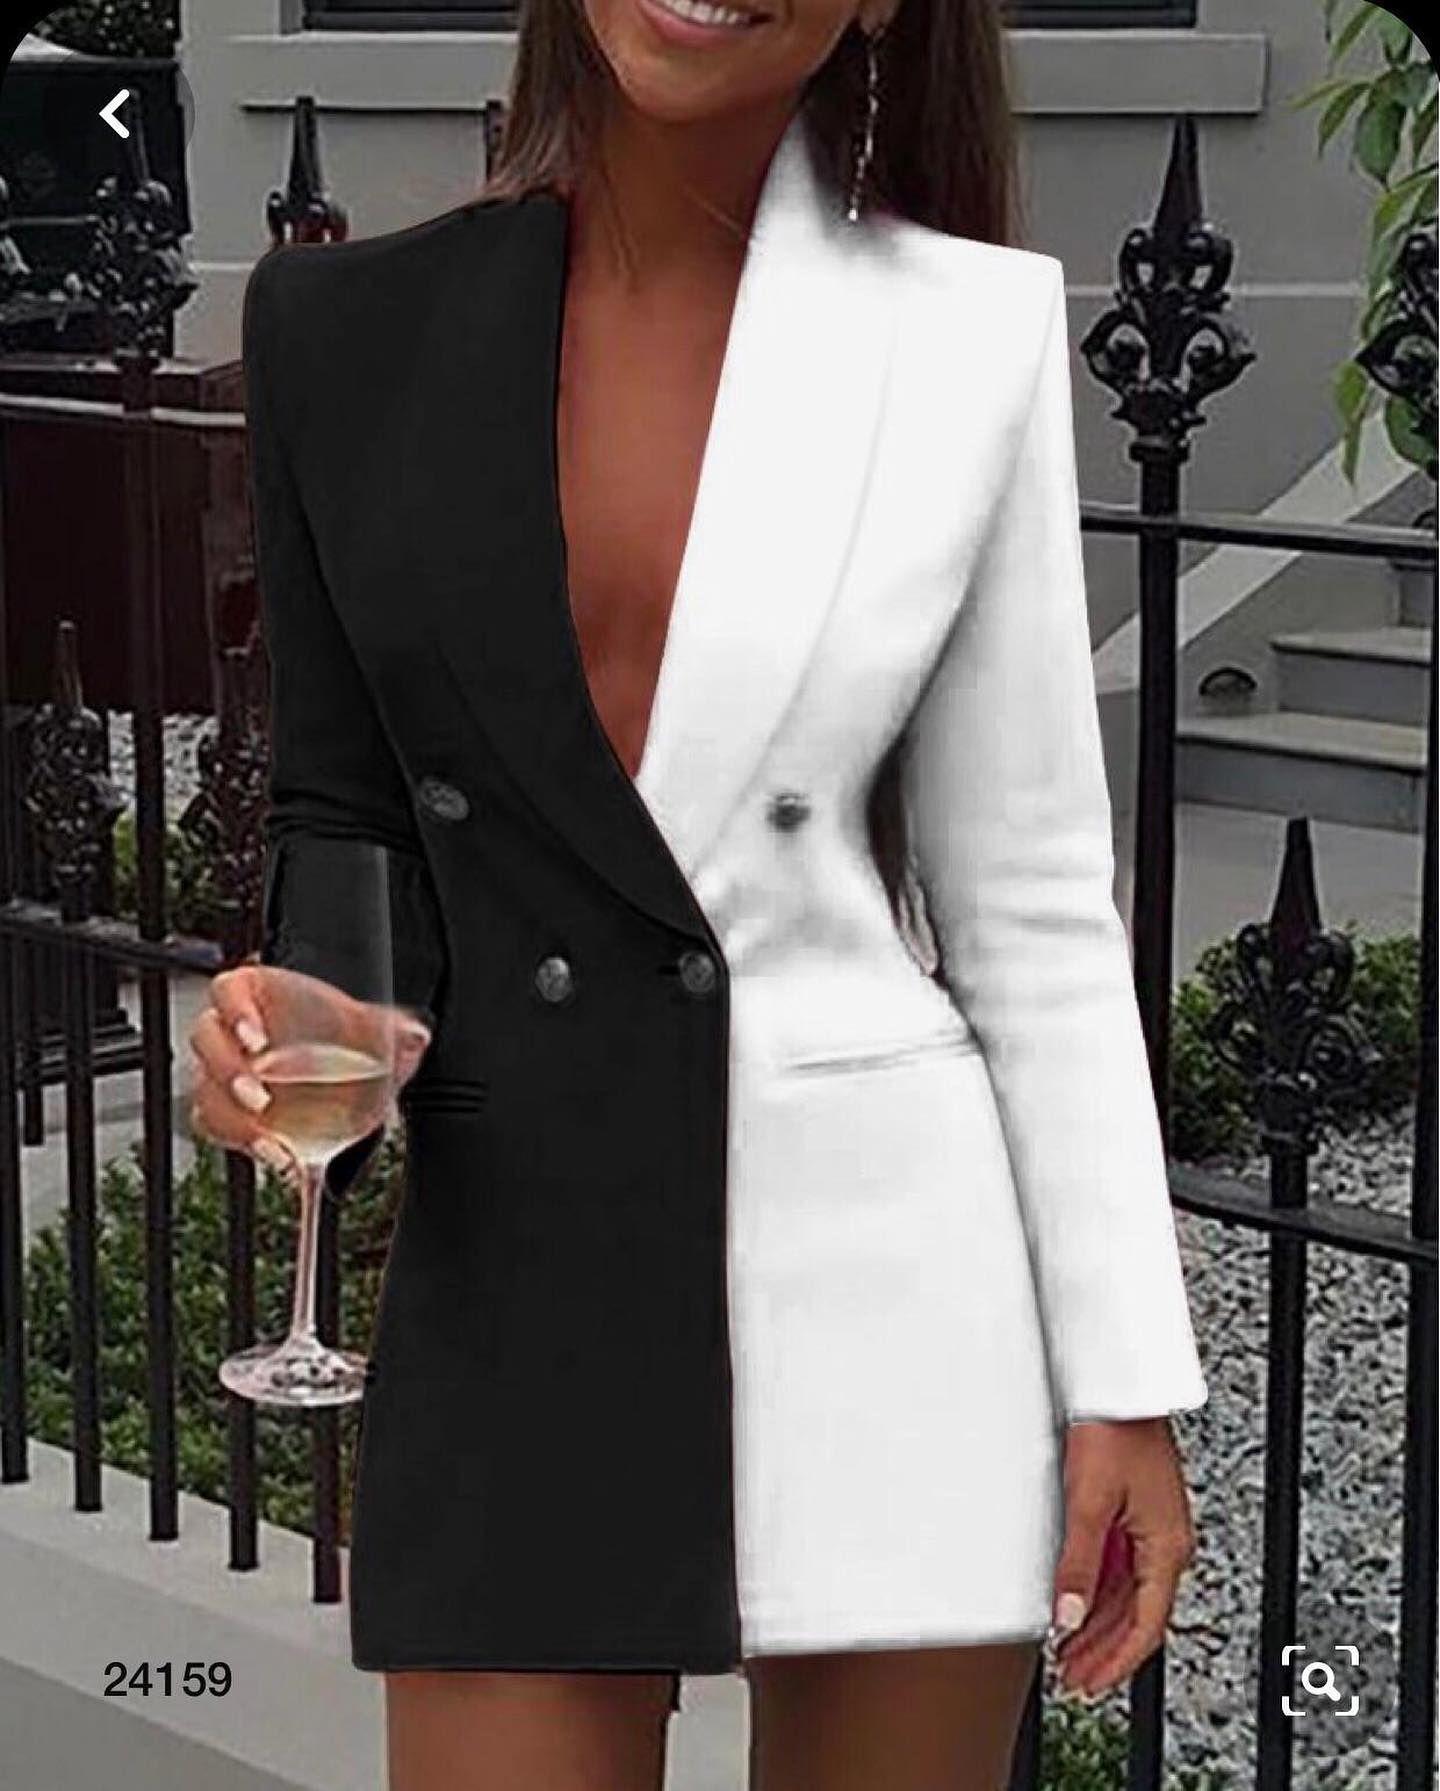 2020 En Sik Ceket Elbise Modelleri Alimli Kadin Elbise Modelleri Elbise Kadin